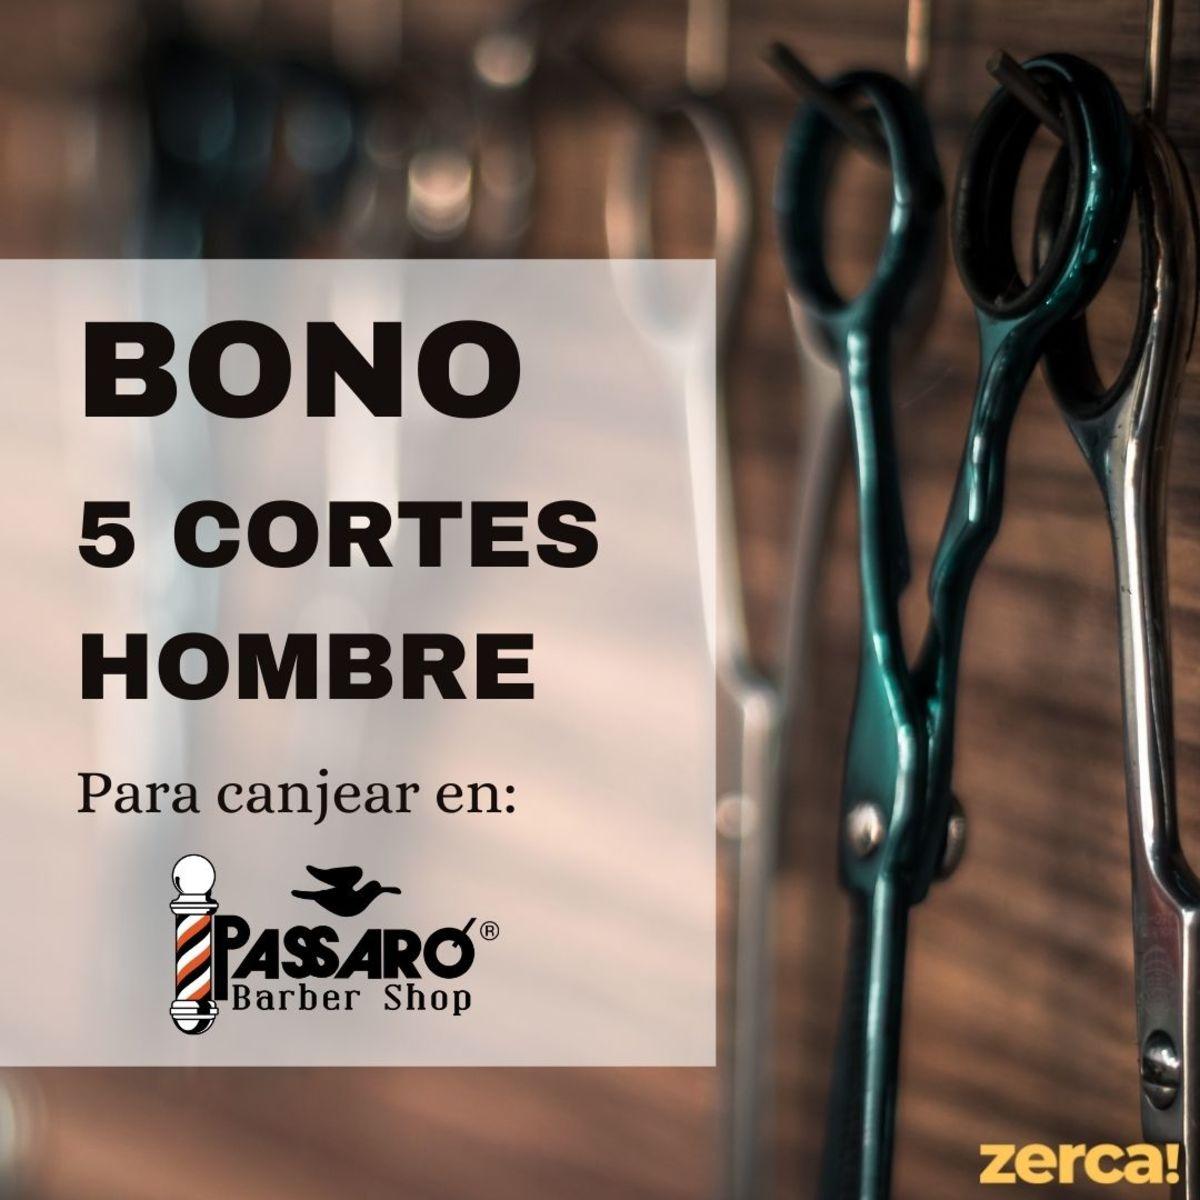 Bono 5 cortes caballero (pelo largo) para canjear en Passaró Magaly